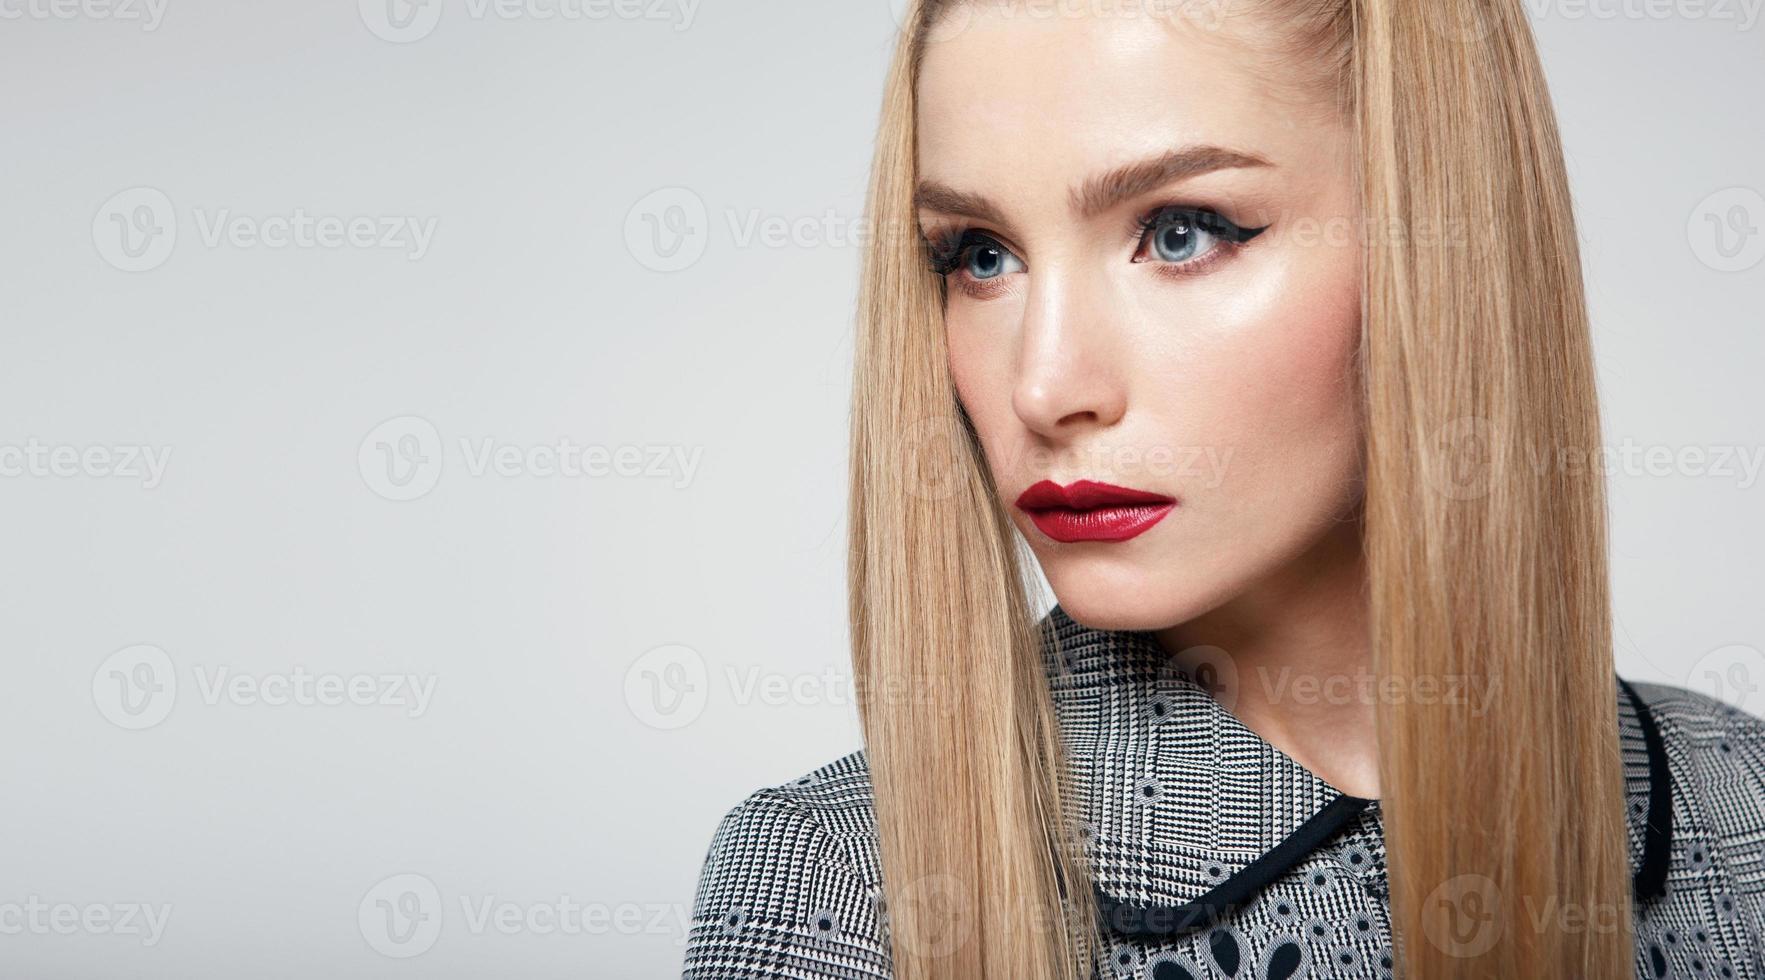 schoonheid vrouw met rode lippen foto